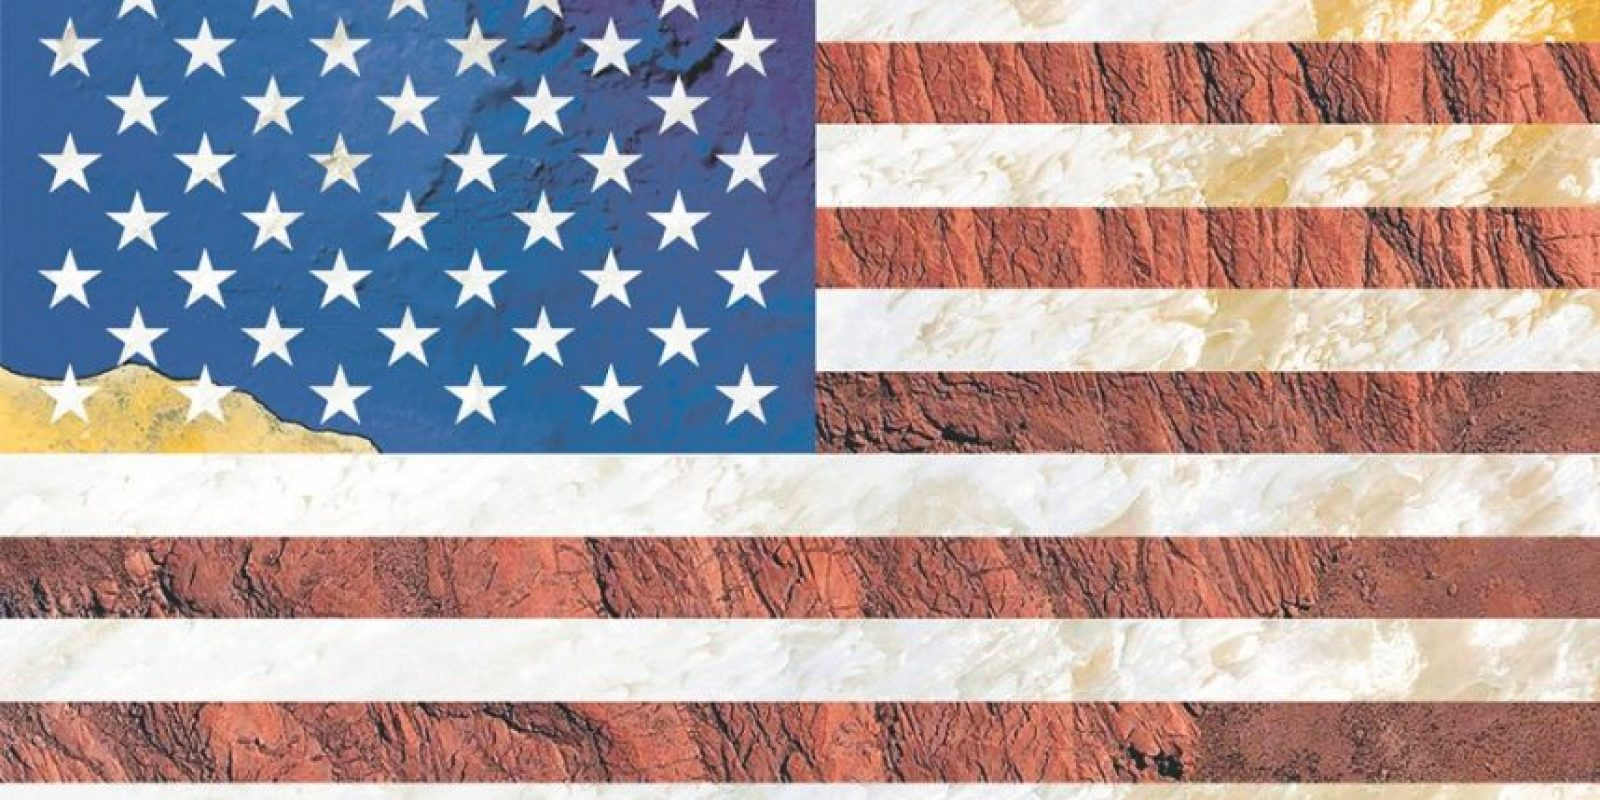 Bandera de Estados Unidos – Fotografía satelital: Bolivia, Chad y el mar Mediterráneo